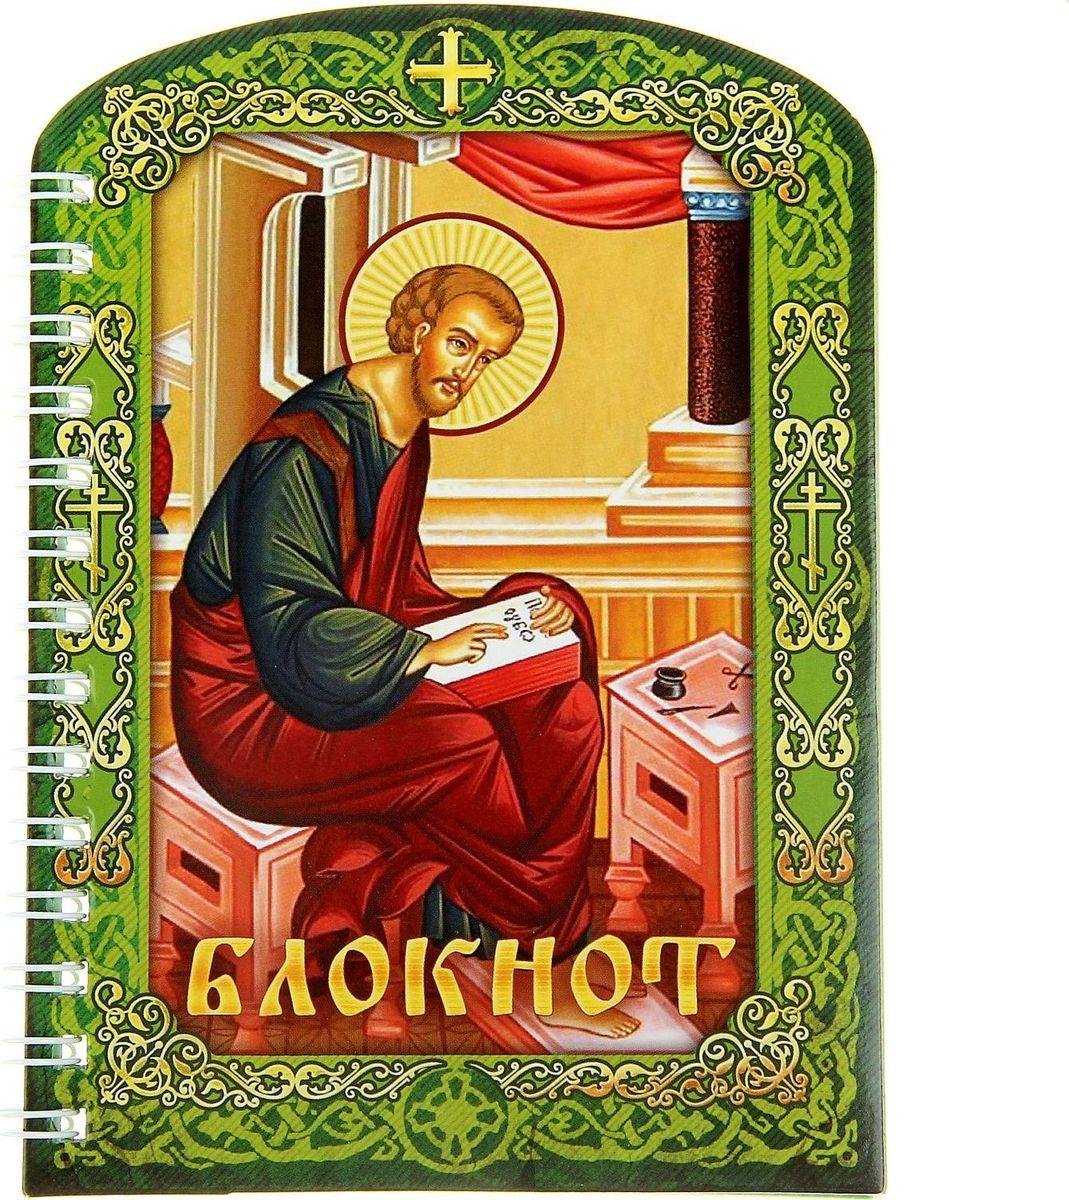 Блокнот Царю Небесный 50 листов4038Блокнот оригинальной формы Царю Небесный придется по душе любому. Внутренний блок содержит 50 листов качественной бумаги с полноцветными страницами. Удобное крепление на пружине позволит при необходимости легко отделять листы. На обложке изображен Евангелист - человек, на котором пребывает Дух Святый, на обратной стороне содержится молитва Святому Духу.Такой блокнот будет прекрасным подарком на день рождения, день ангела или на любой другой праздник.Преподобный Серафим Саровский учил, что цель жизни христианина - стяжание Духа Святого, то есть такое состояние человека, когда Святой Дух непостижимо вселяется в него и пребывает в нем.